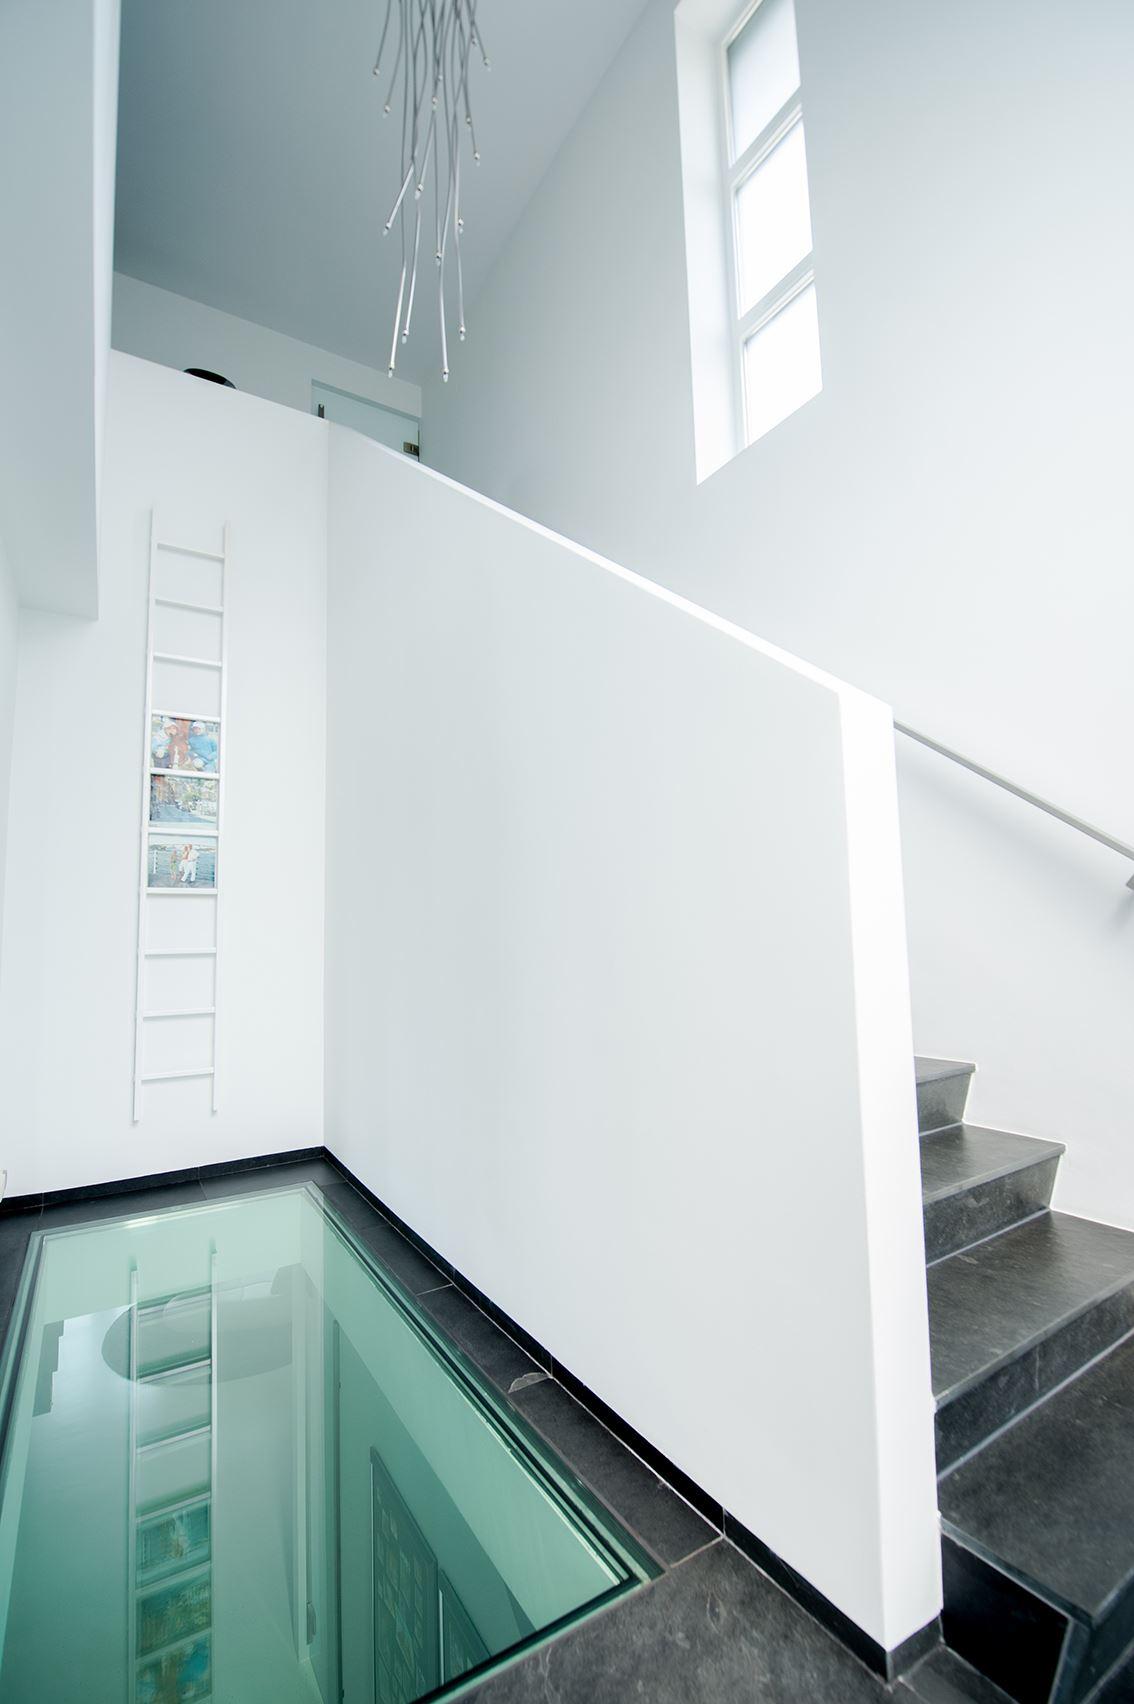 Huis te koop: spoolderbergweg 22 8019 bd zwolle [funda]